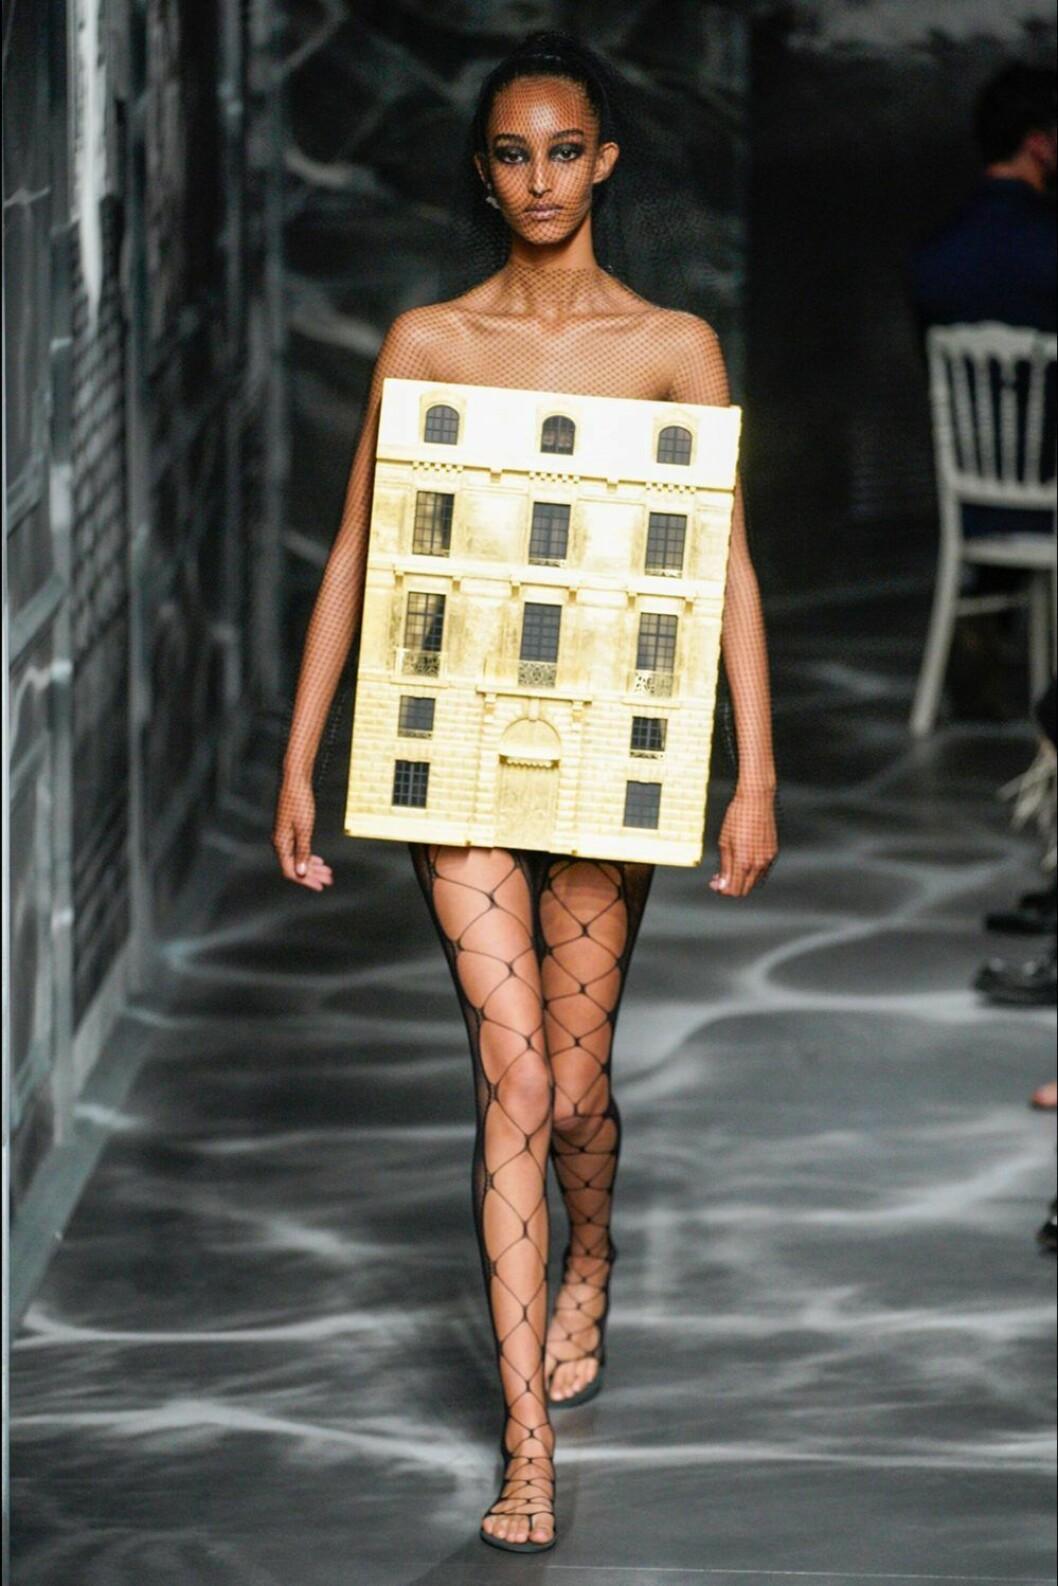 Christian Dior AW19/20, nätstrumpbyxor och en kreation som liknar ett hus.